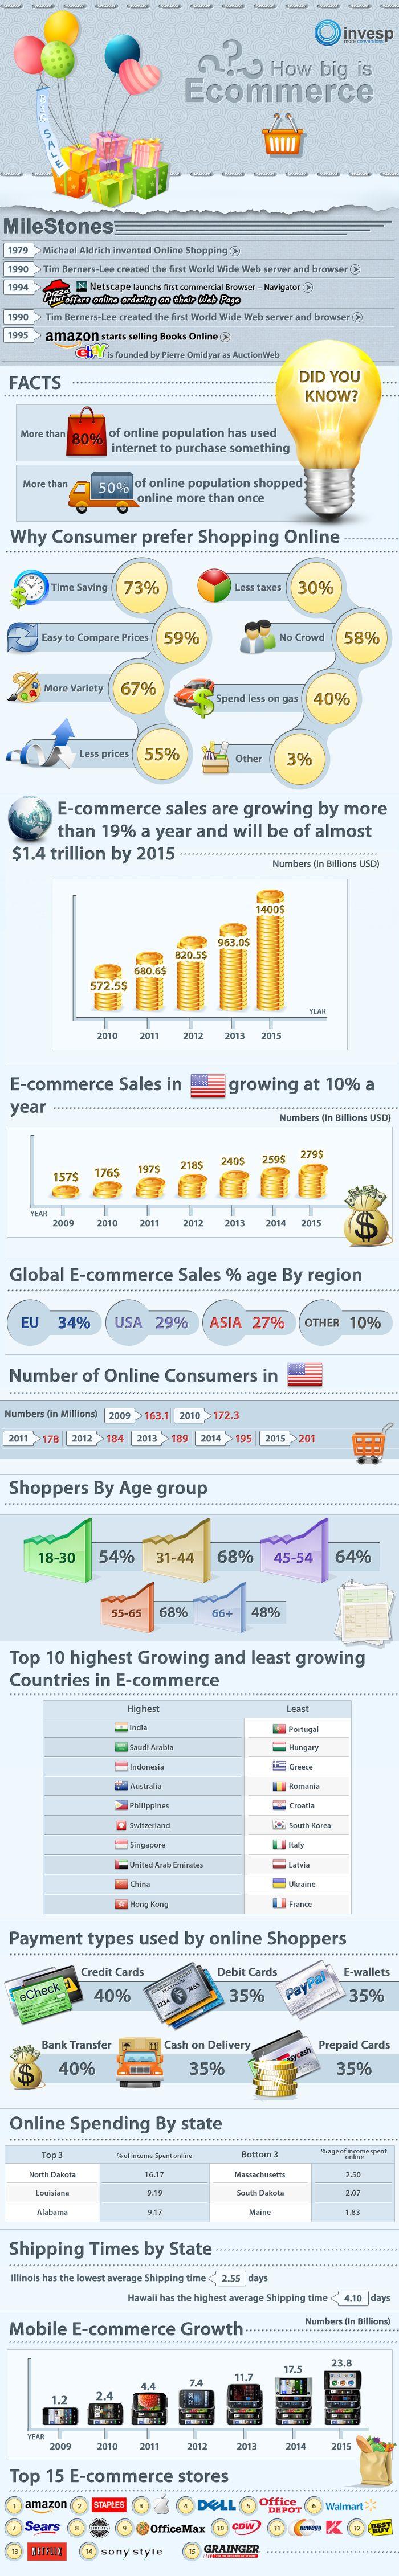 10 amazing e-commerce infographics | Econsultancy